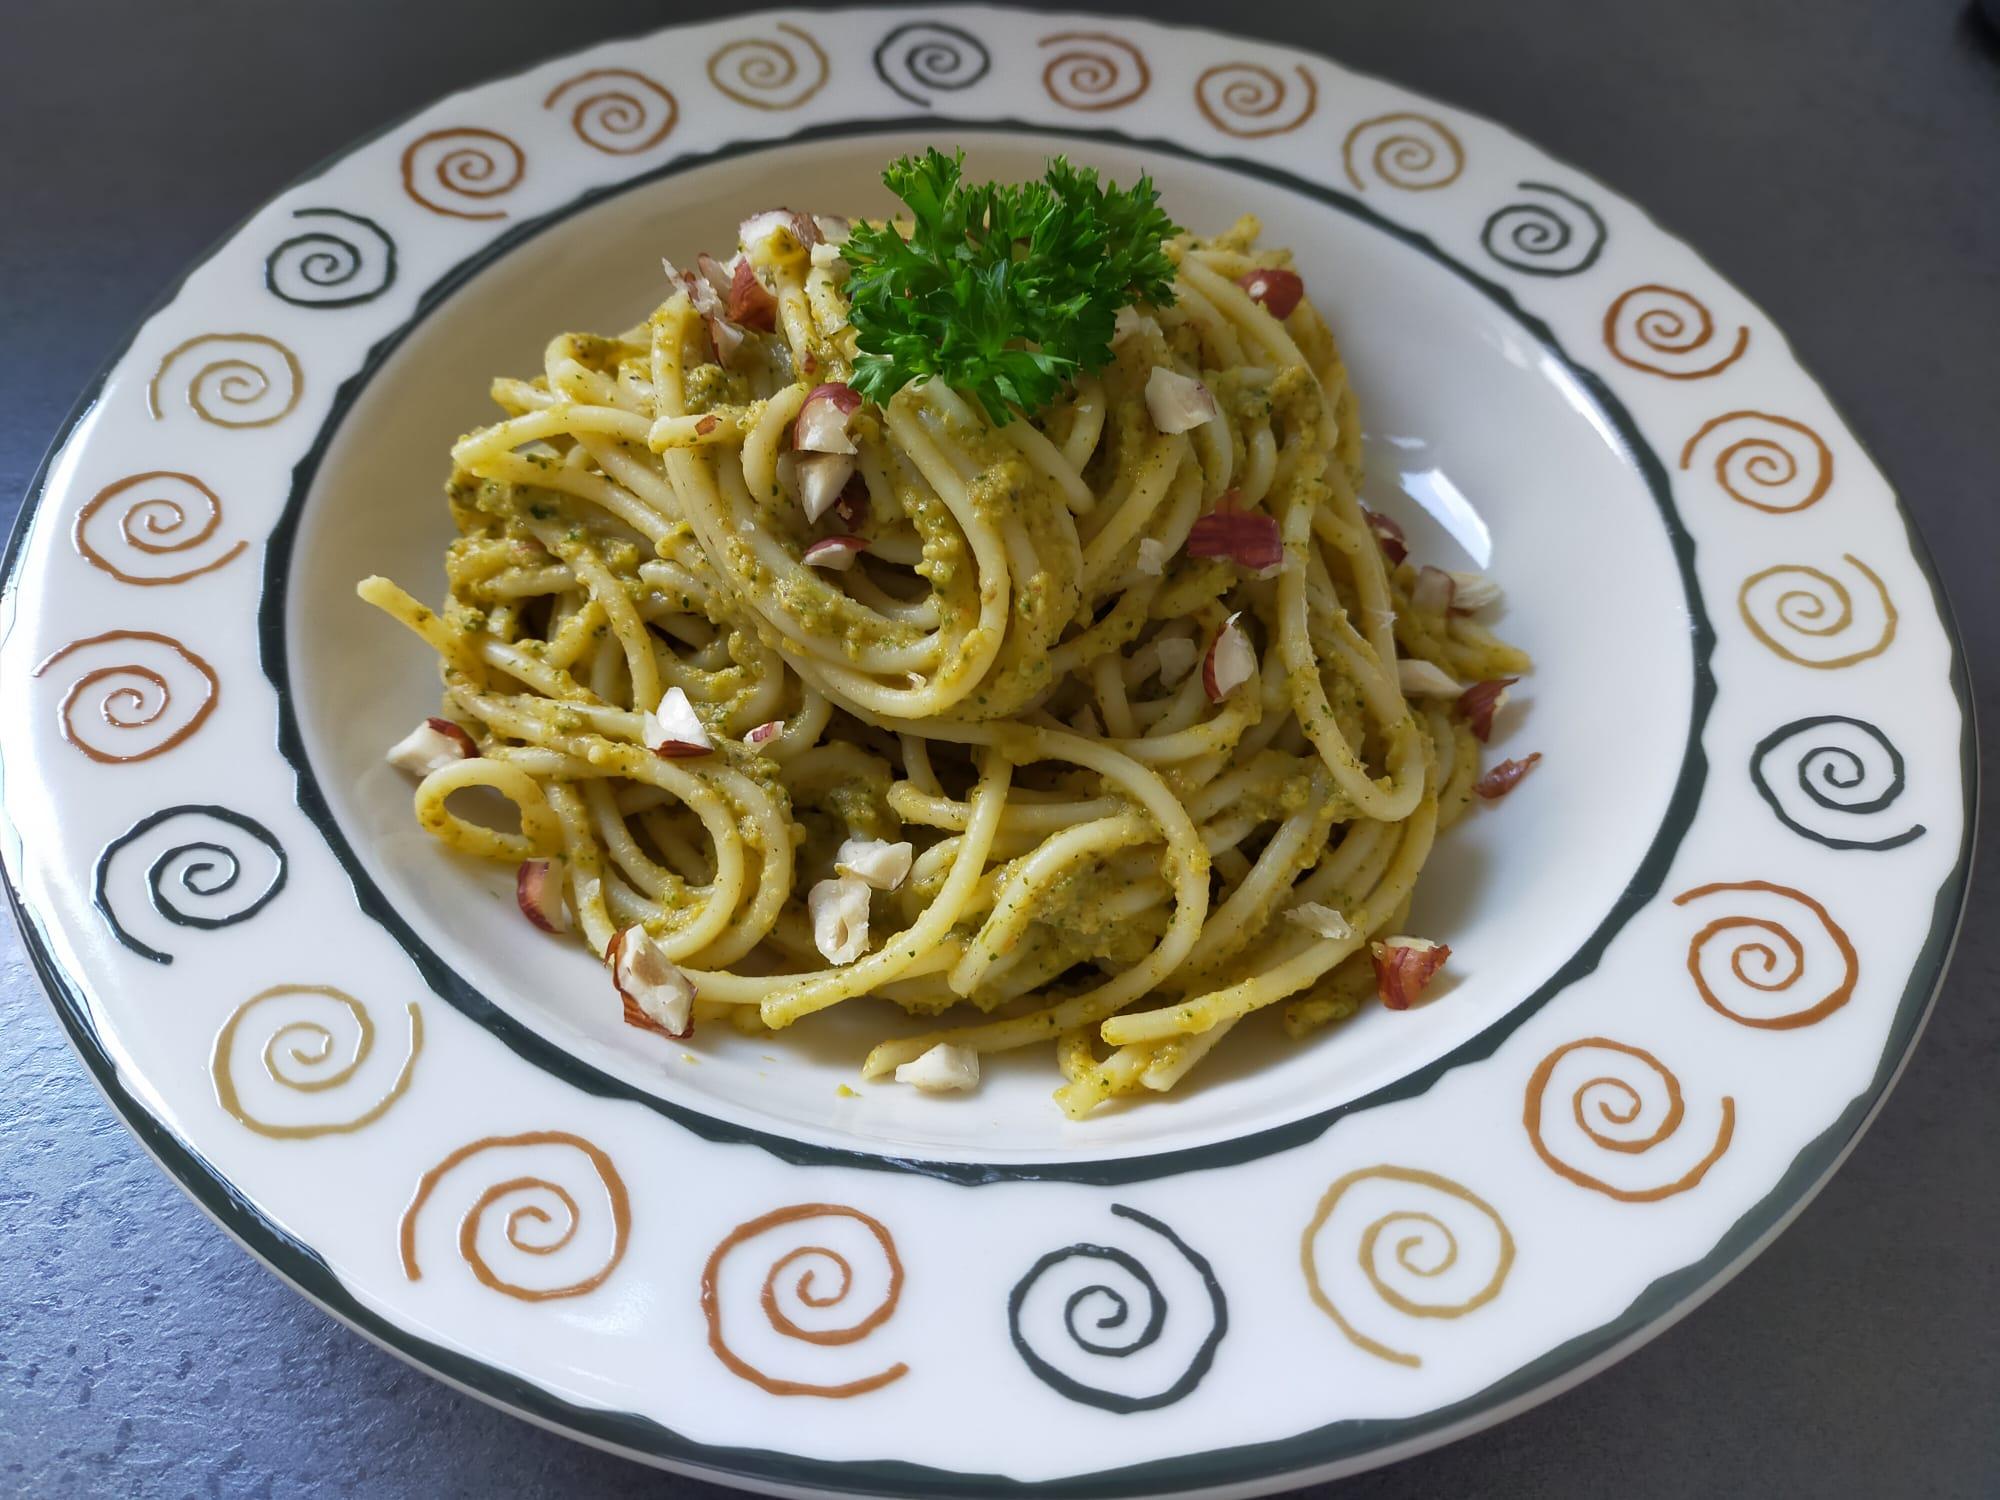 recept naoberkrat Pasta romesco met geroosterde groenten